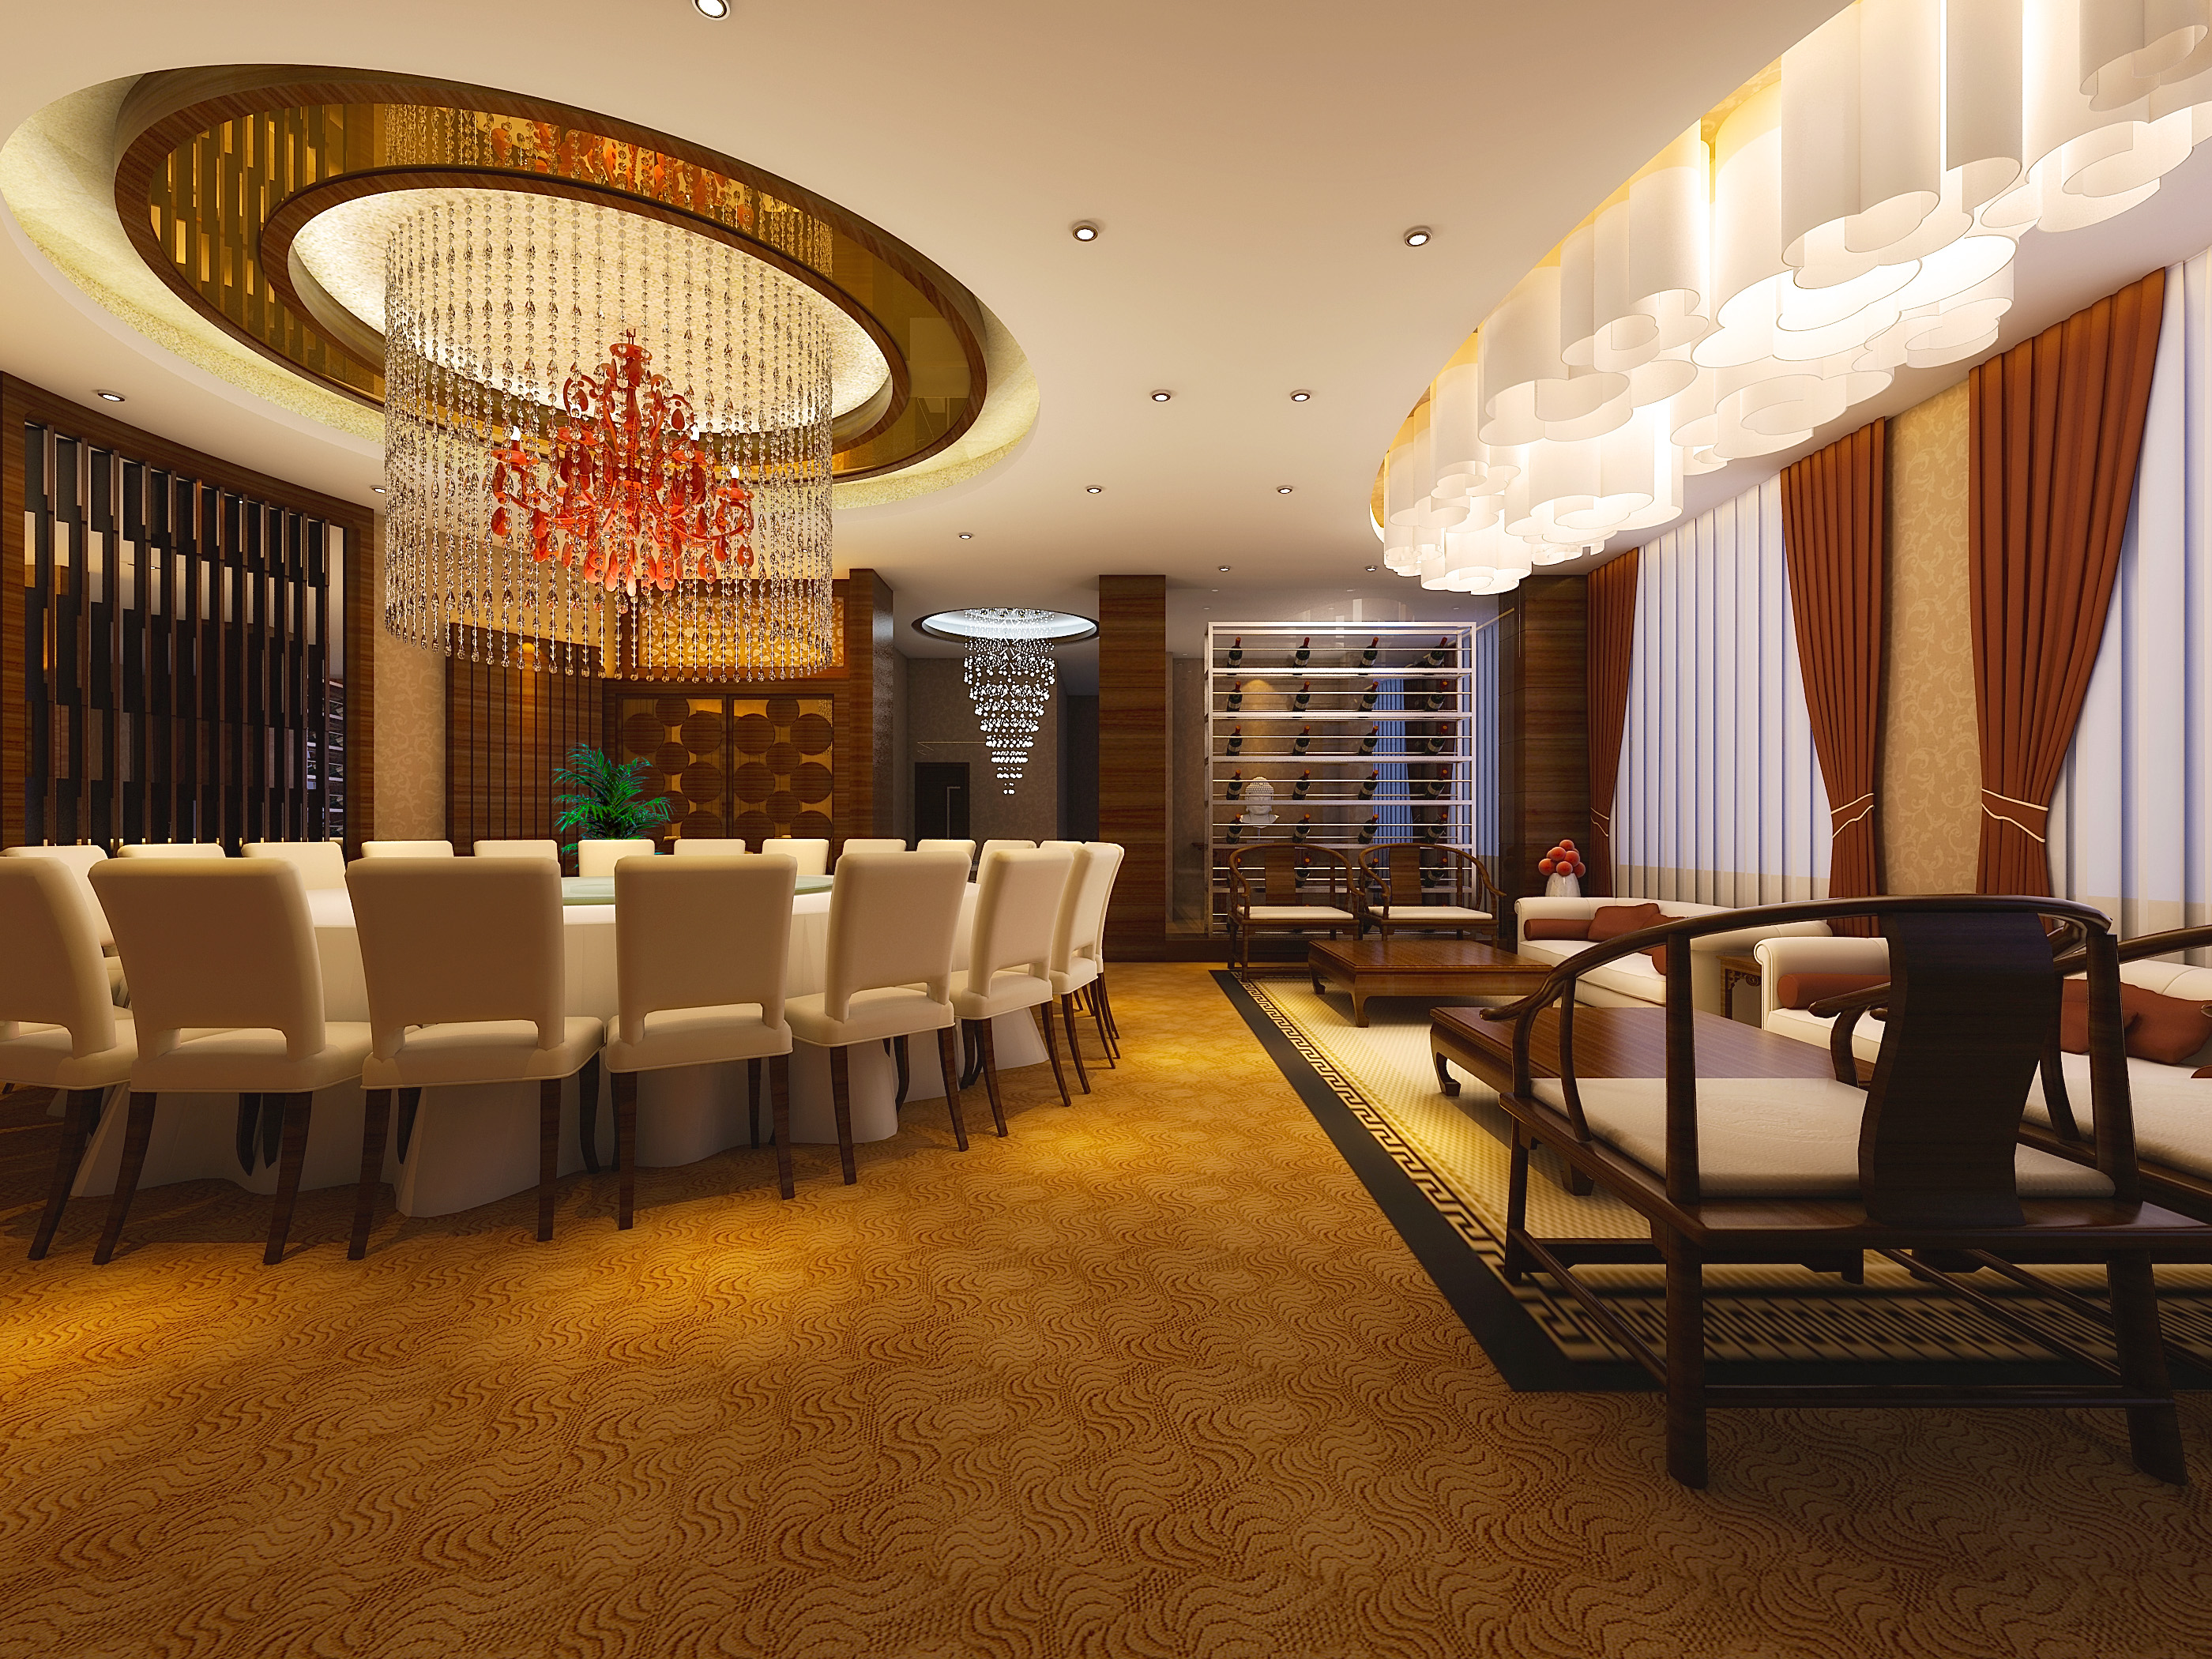 restaurant 143 3d model max 137885